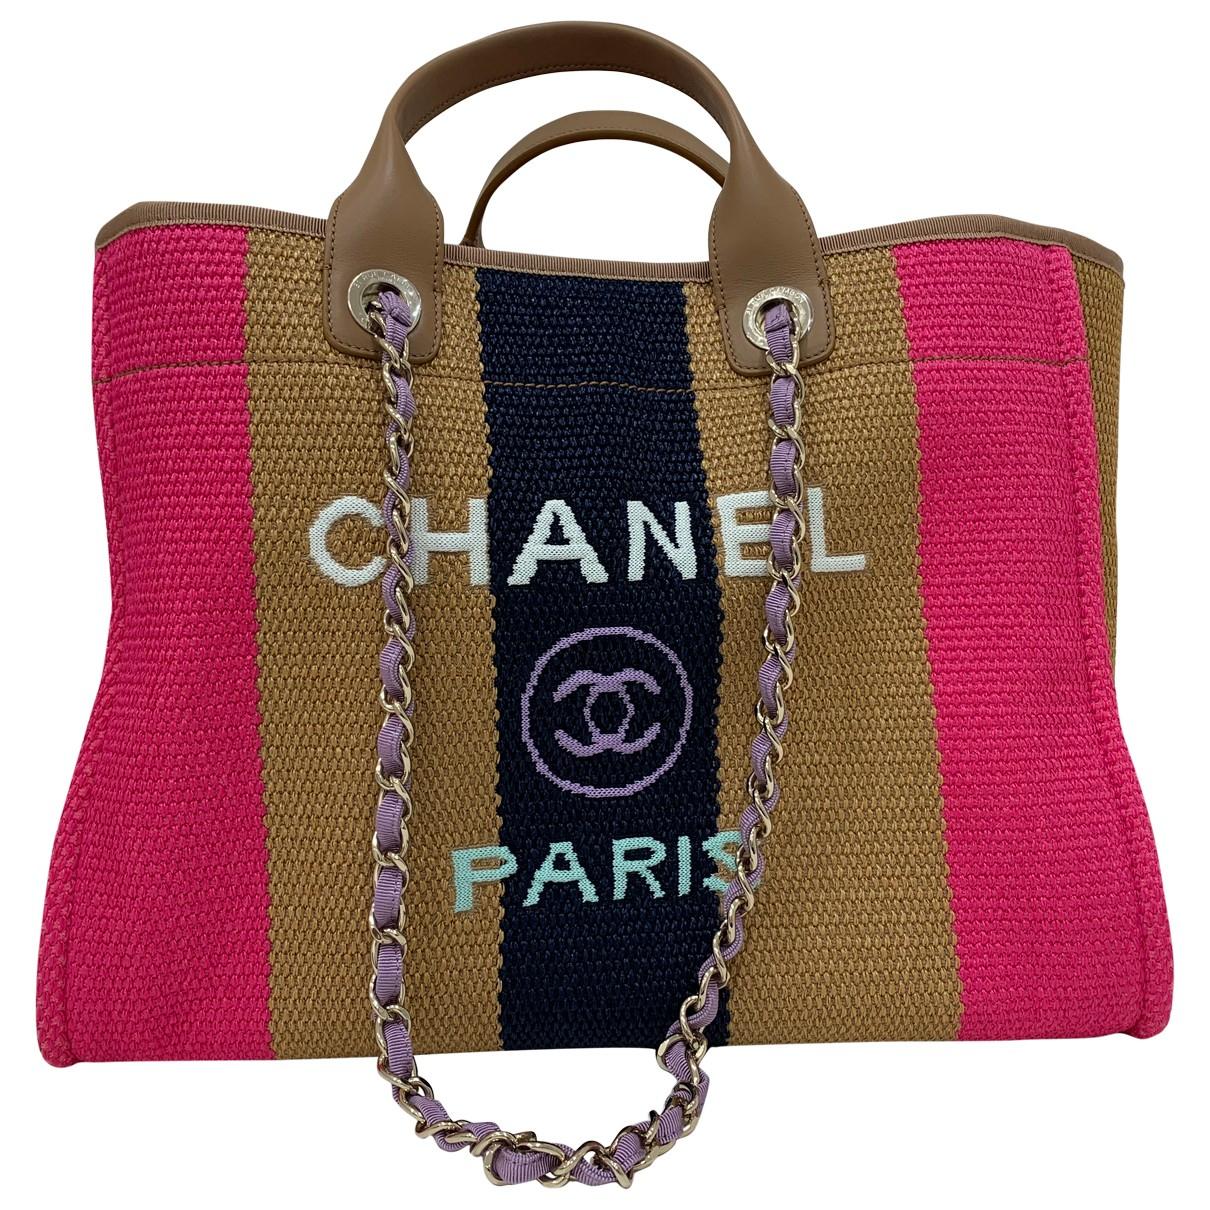 Chanel Deauville Handtasche in  Beige Polyester